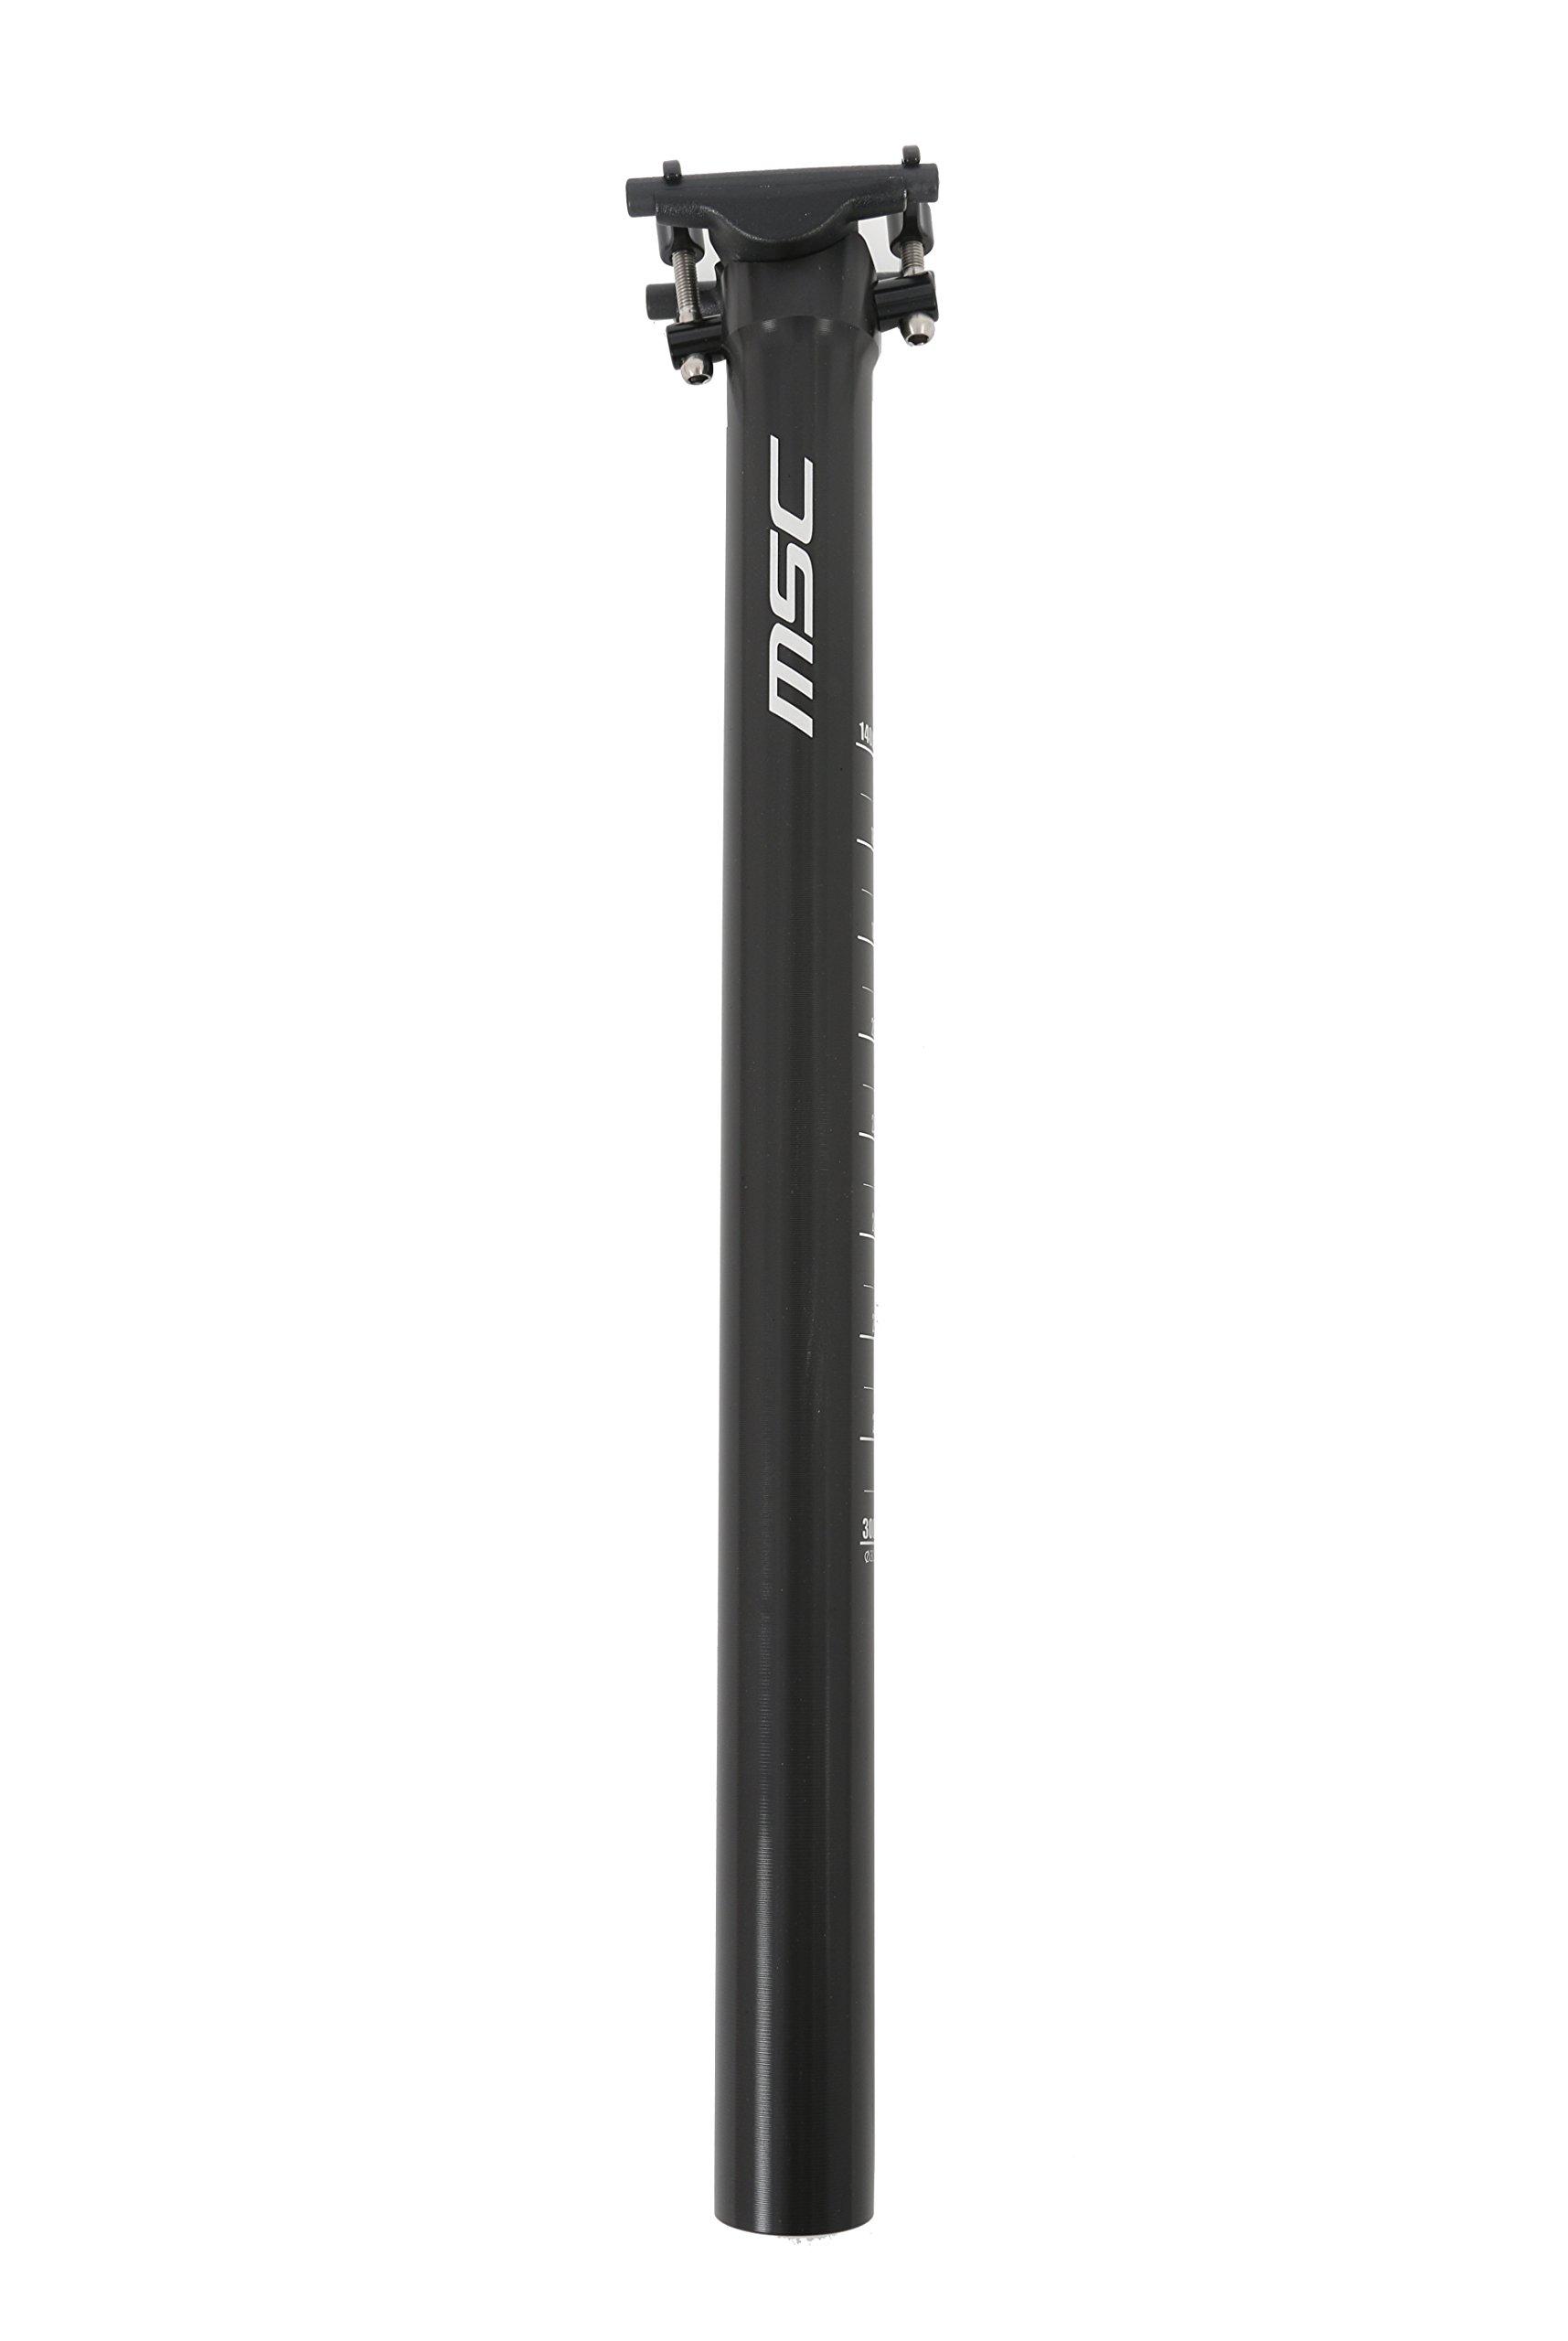 MSC Bikes MSC 31.6 mm 410 mm. Alu7075T6. Straight - Tija de sillín de